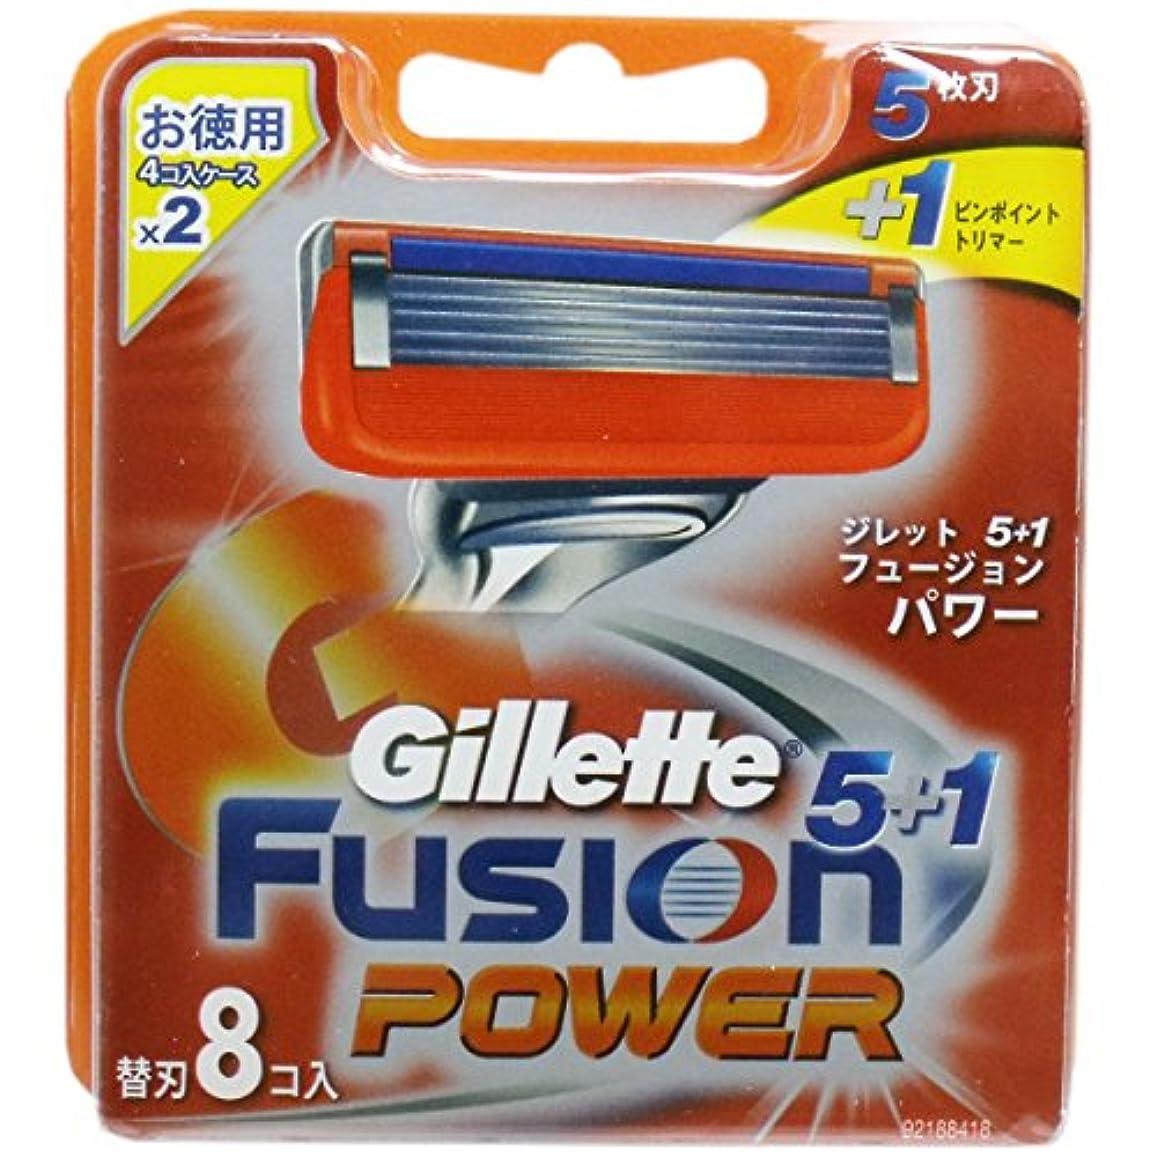 農民手数料弾薬<お得な2個パック>ジレット フュージョン 5+1 パワー 替刃8個入り×2個